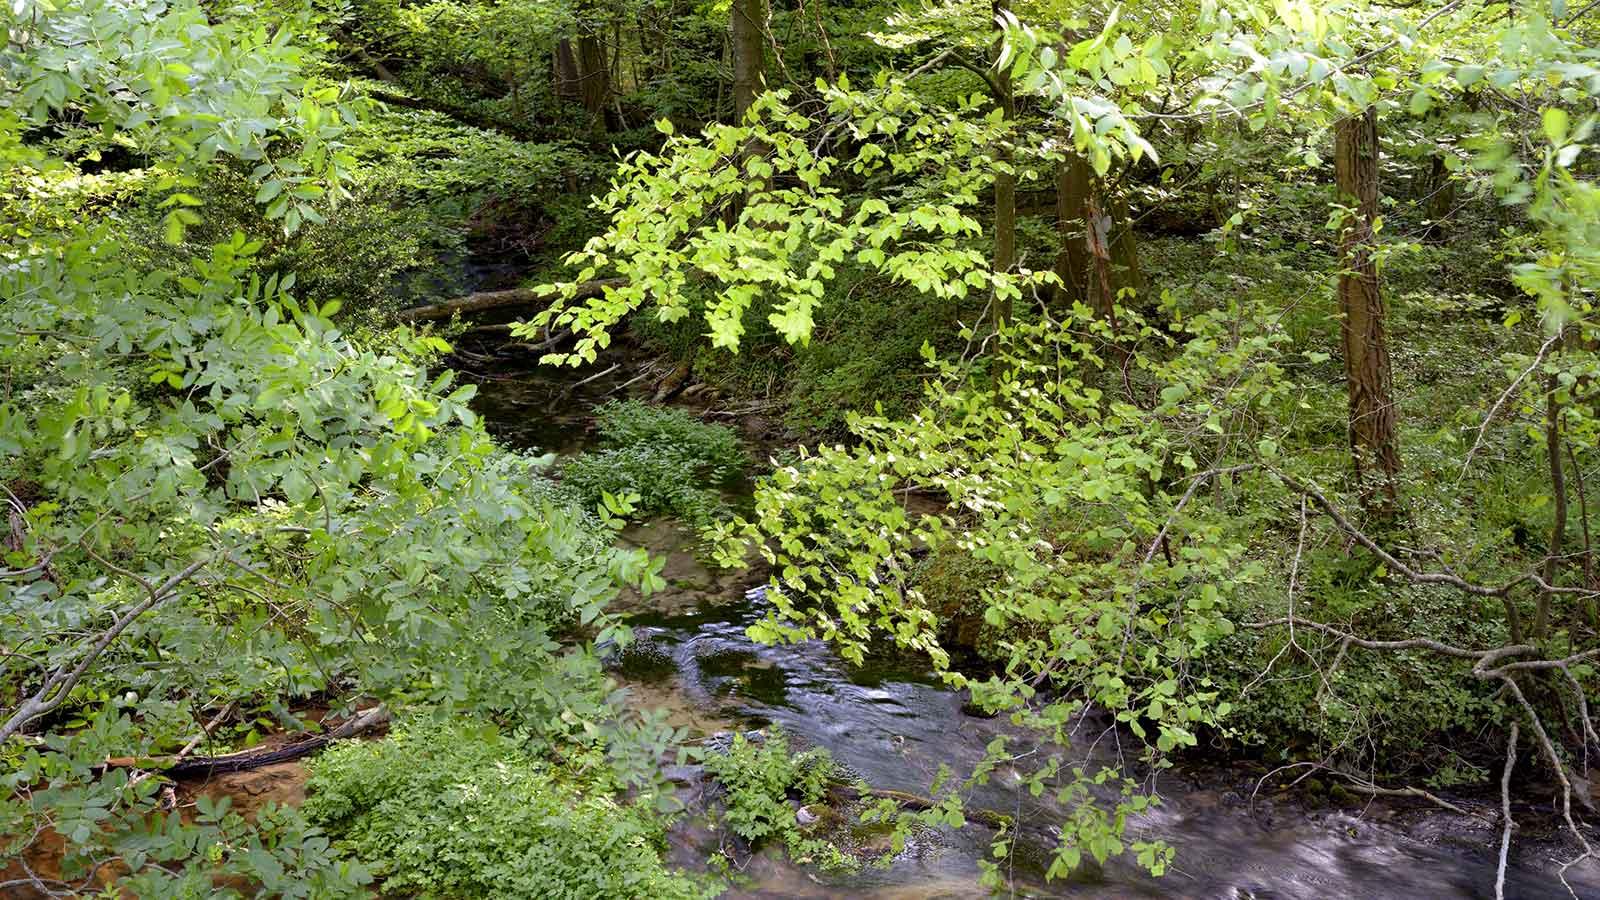 Rivière et végétation verdoyante de la forêt de Saoû.